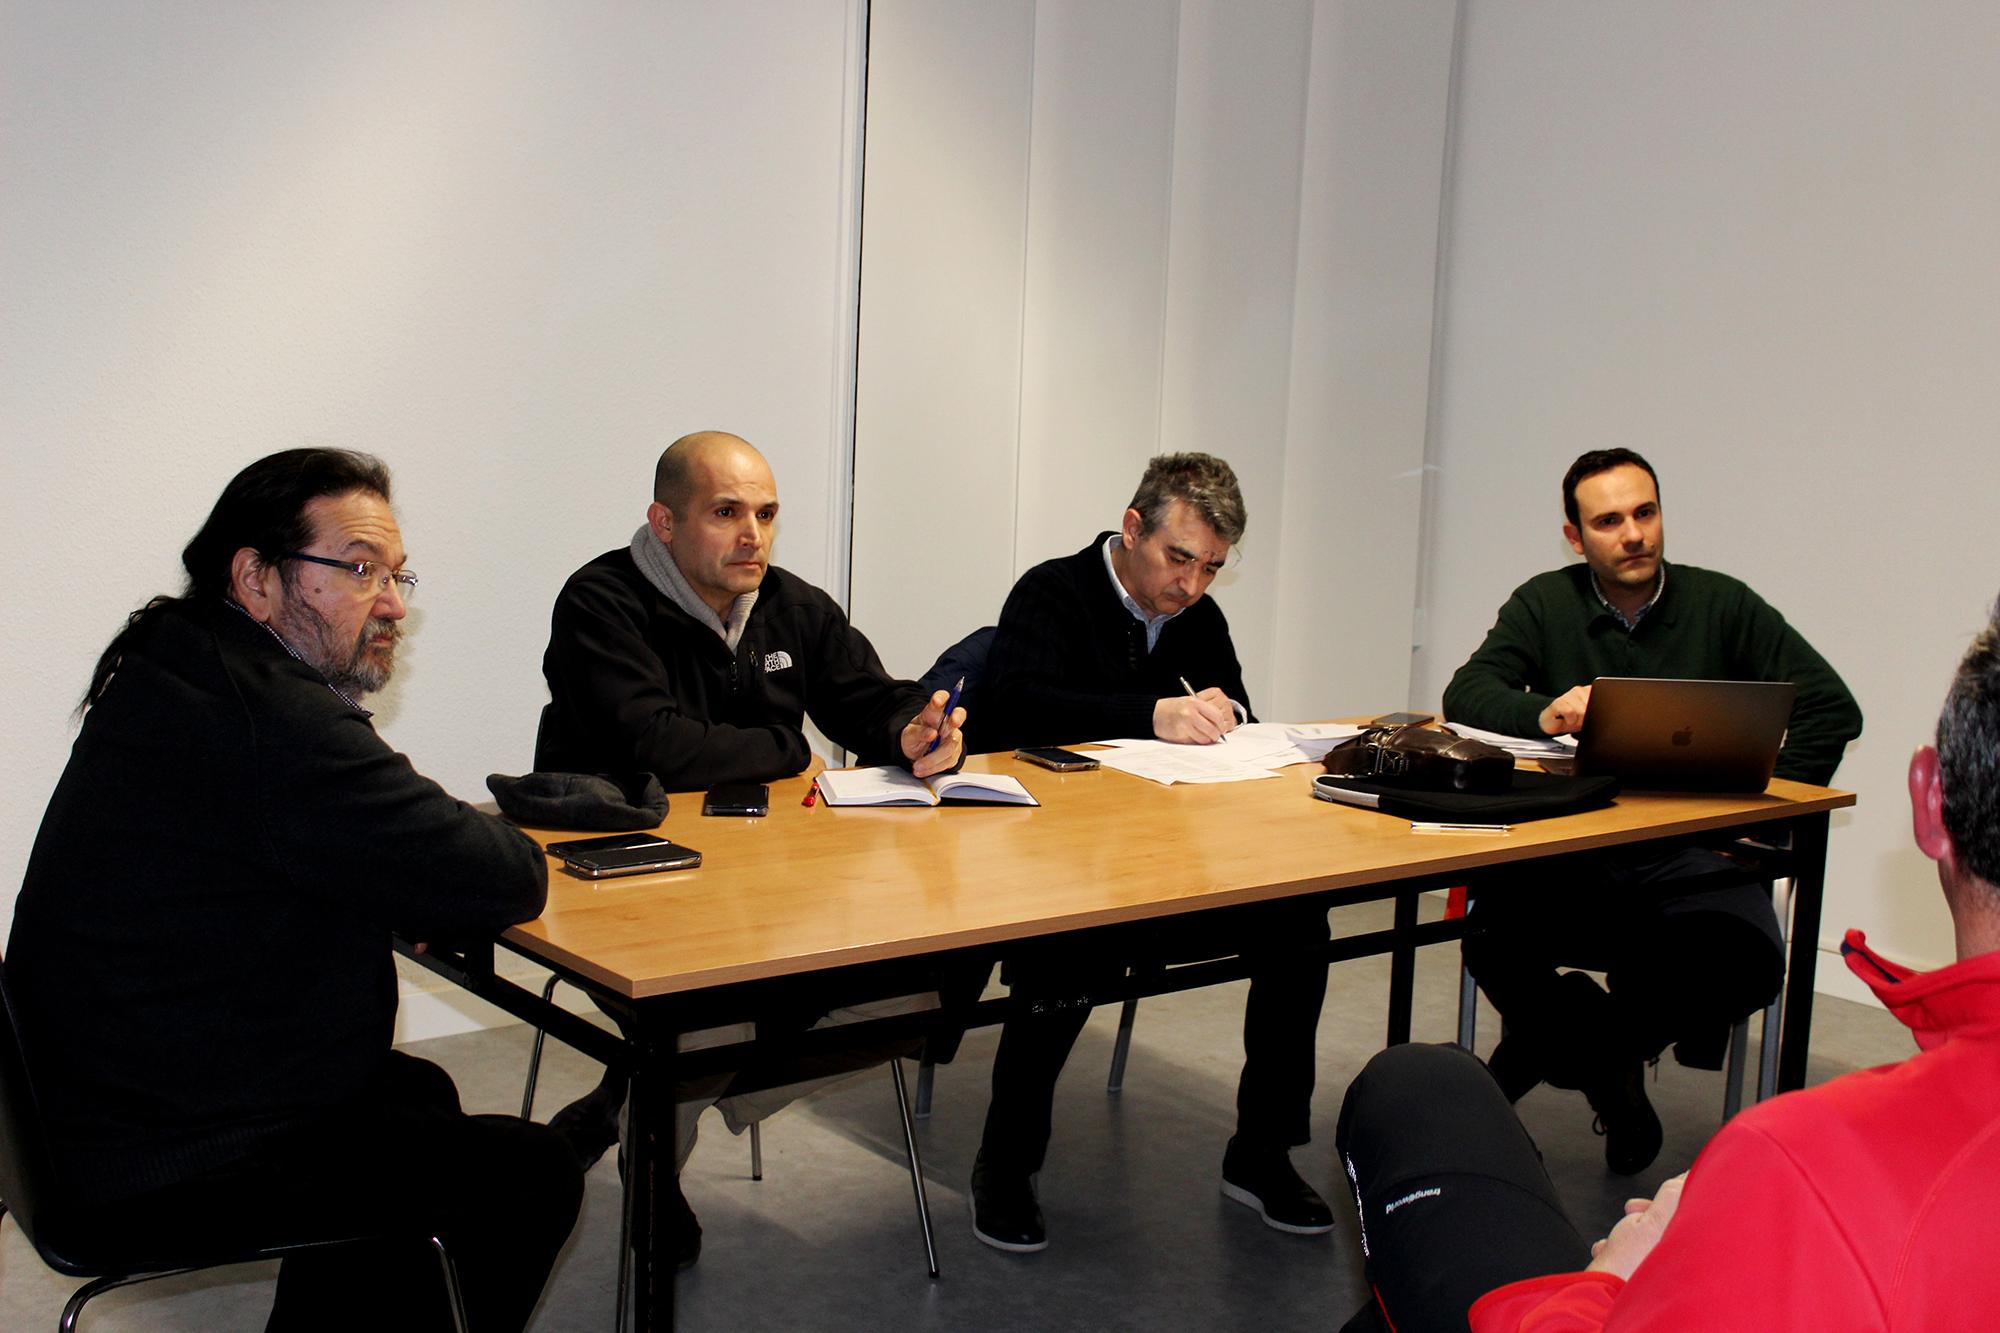 Ahir va tindre lloc la reunió del Consell Agrari Local.